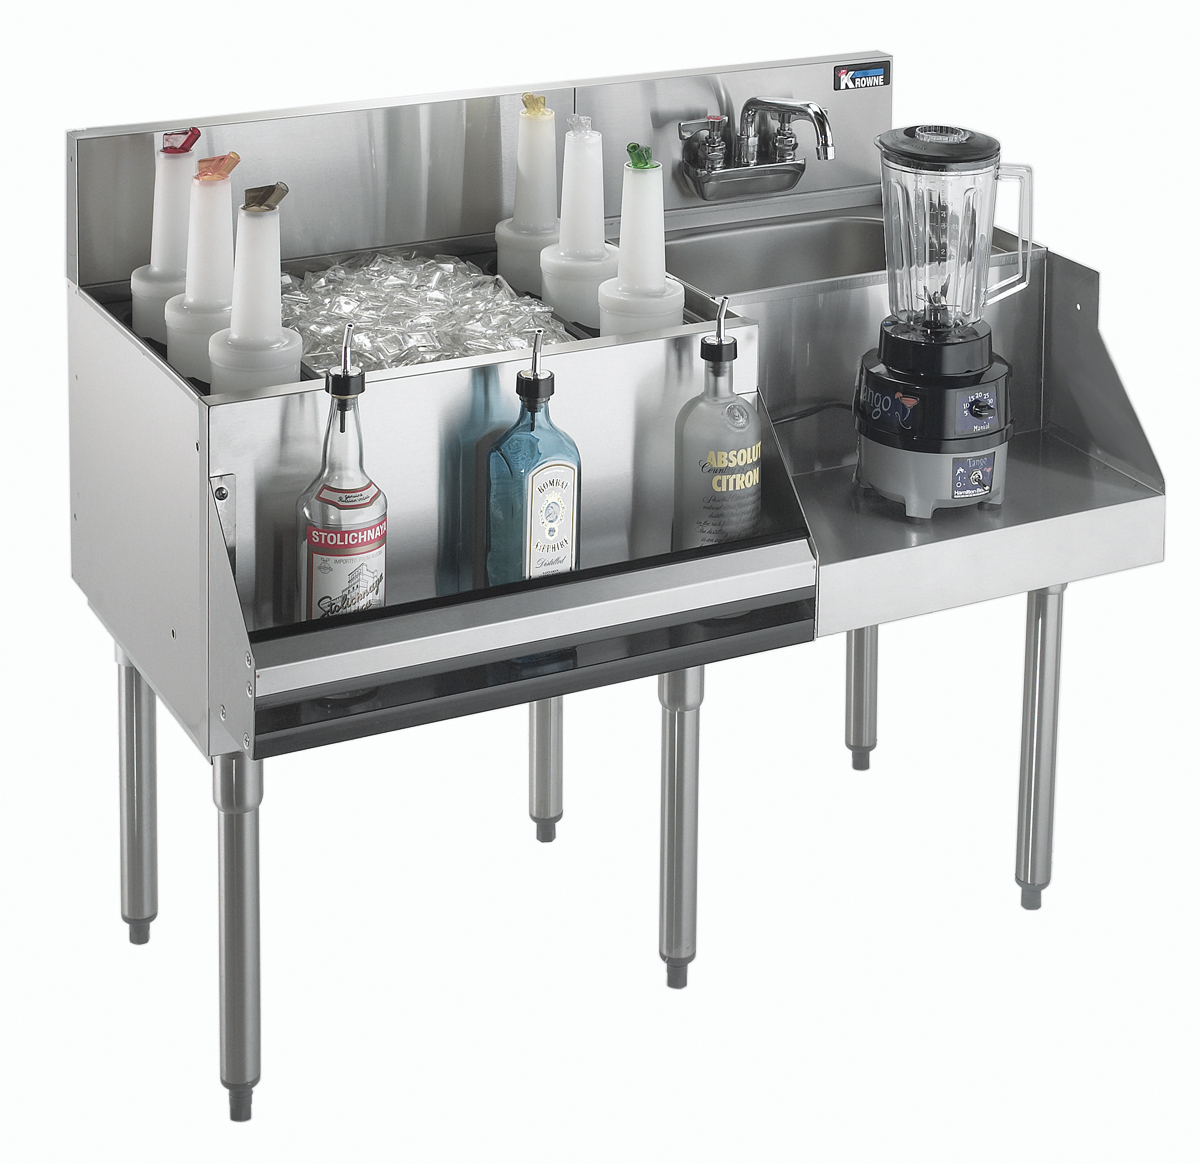 Krowne Metal KR21-W42L-10 underbar ice bin/cocktail station, blender station